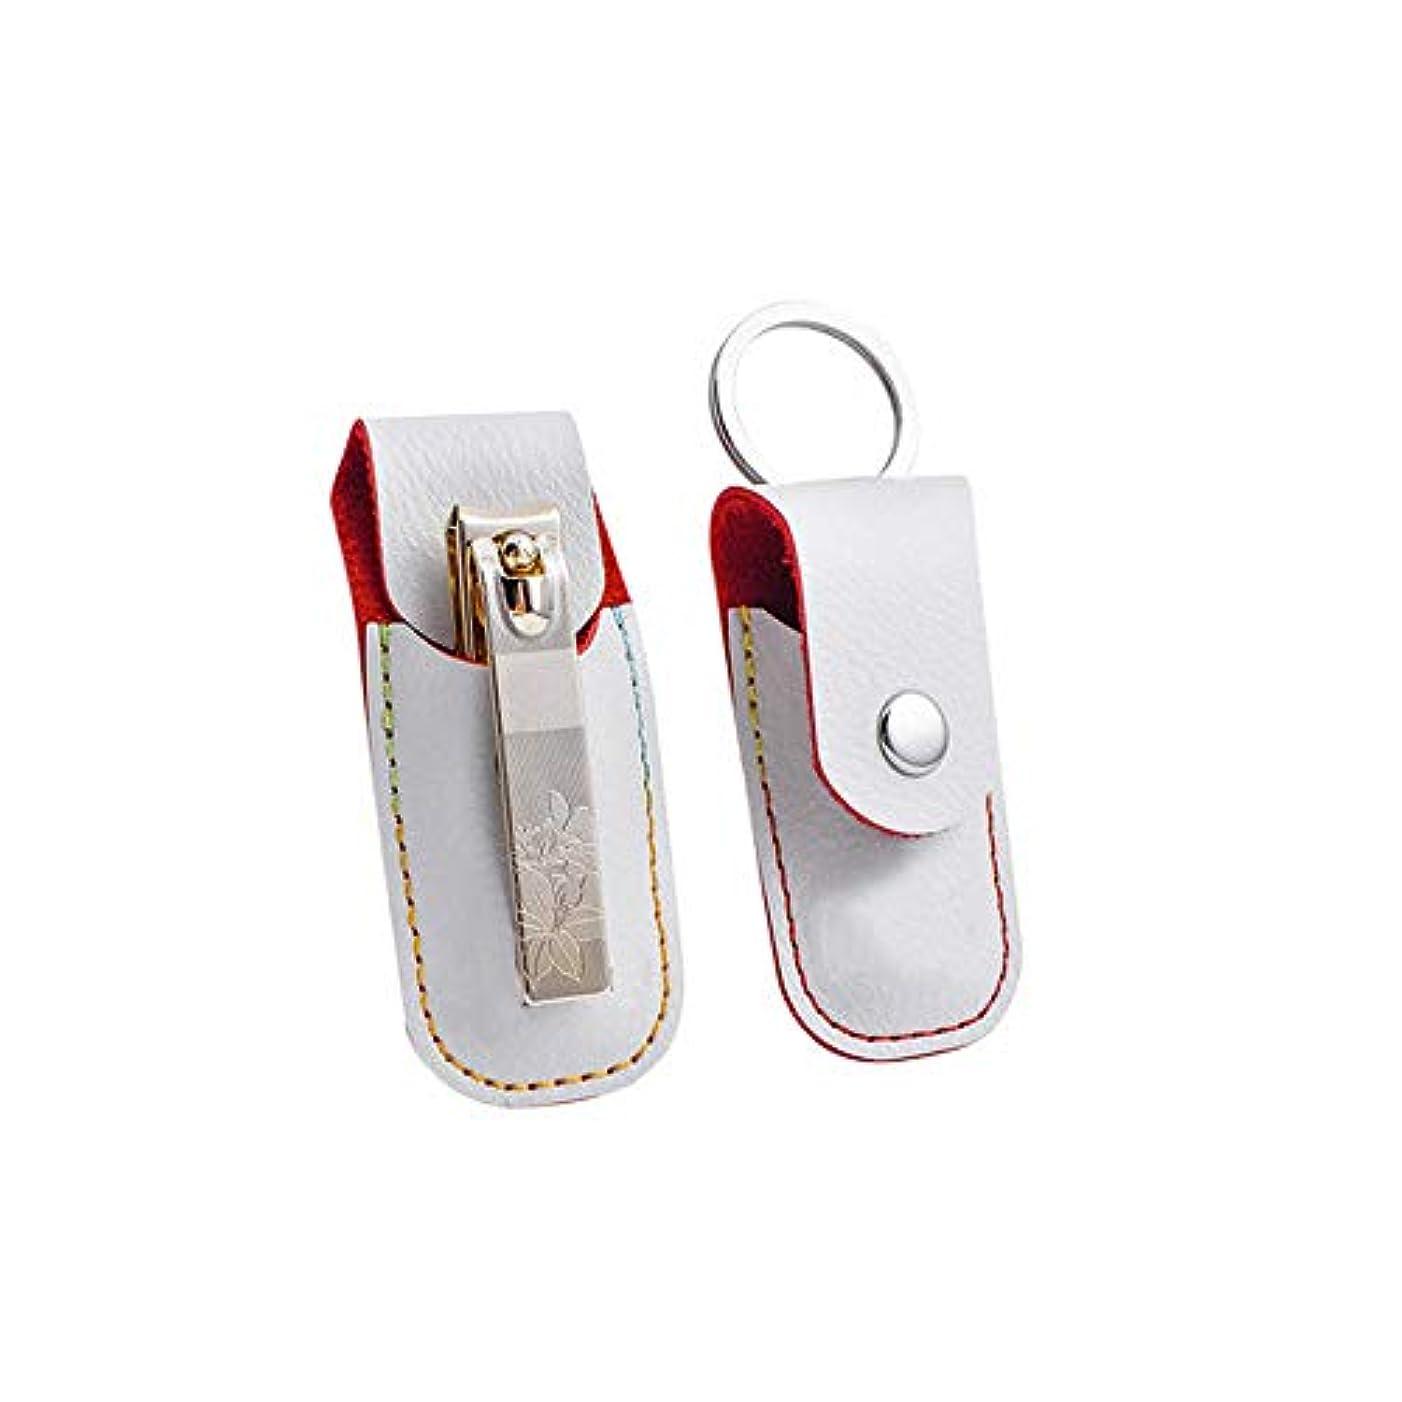 滑りやすい値する補助人気爪切りステンレス鋼製爪切りプリント爪切り高級PUレザーケース付き、ゴールド